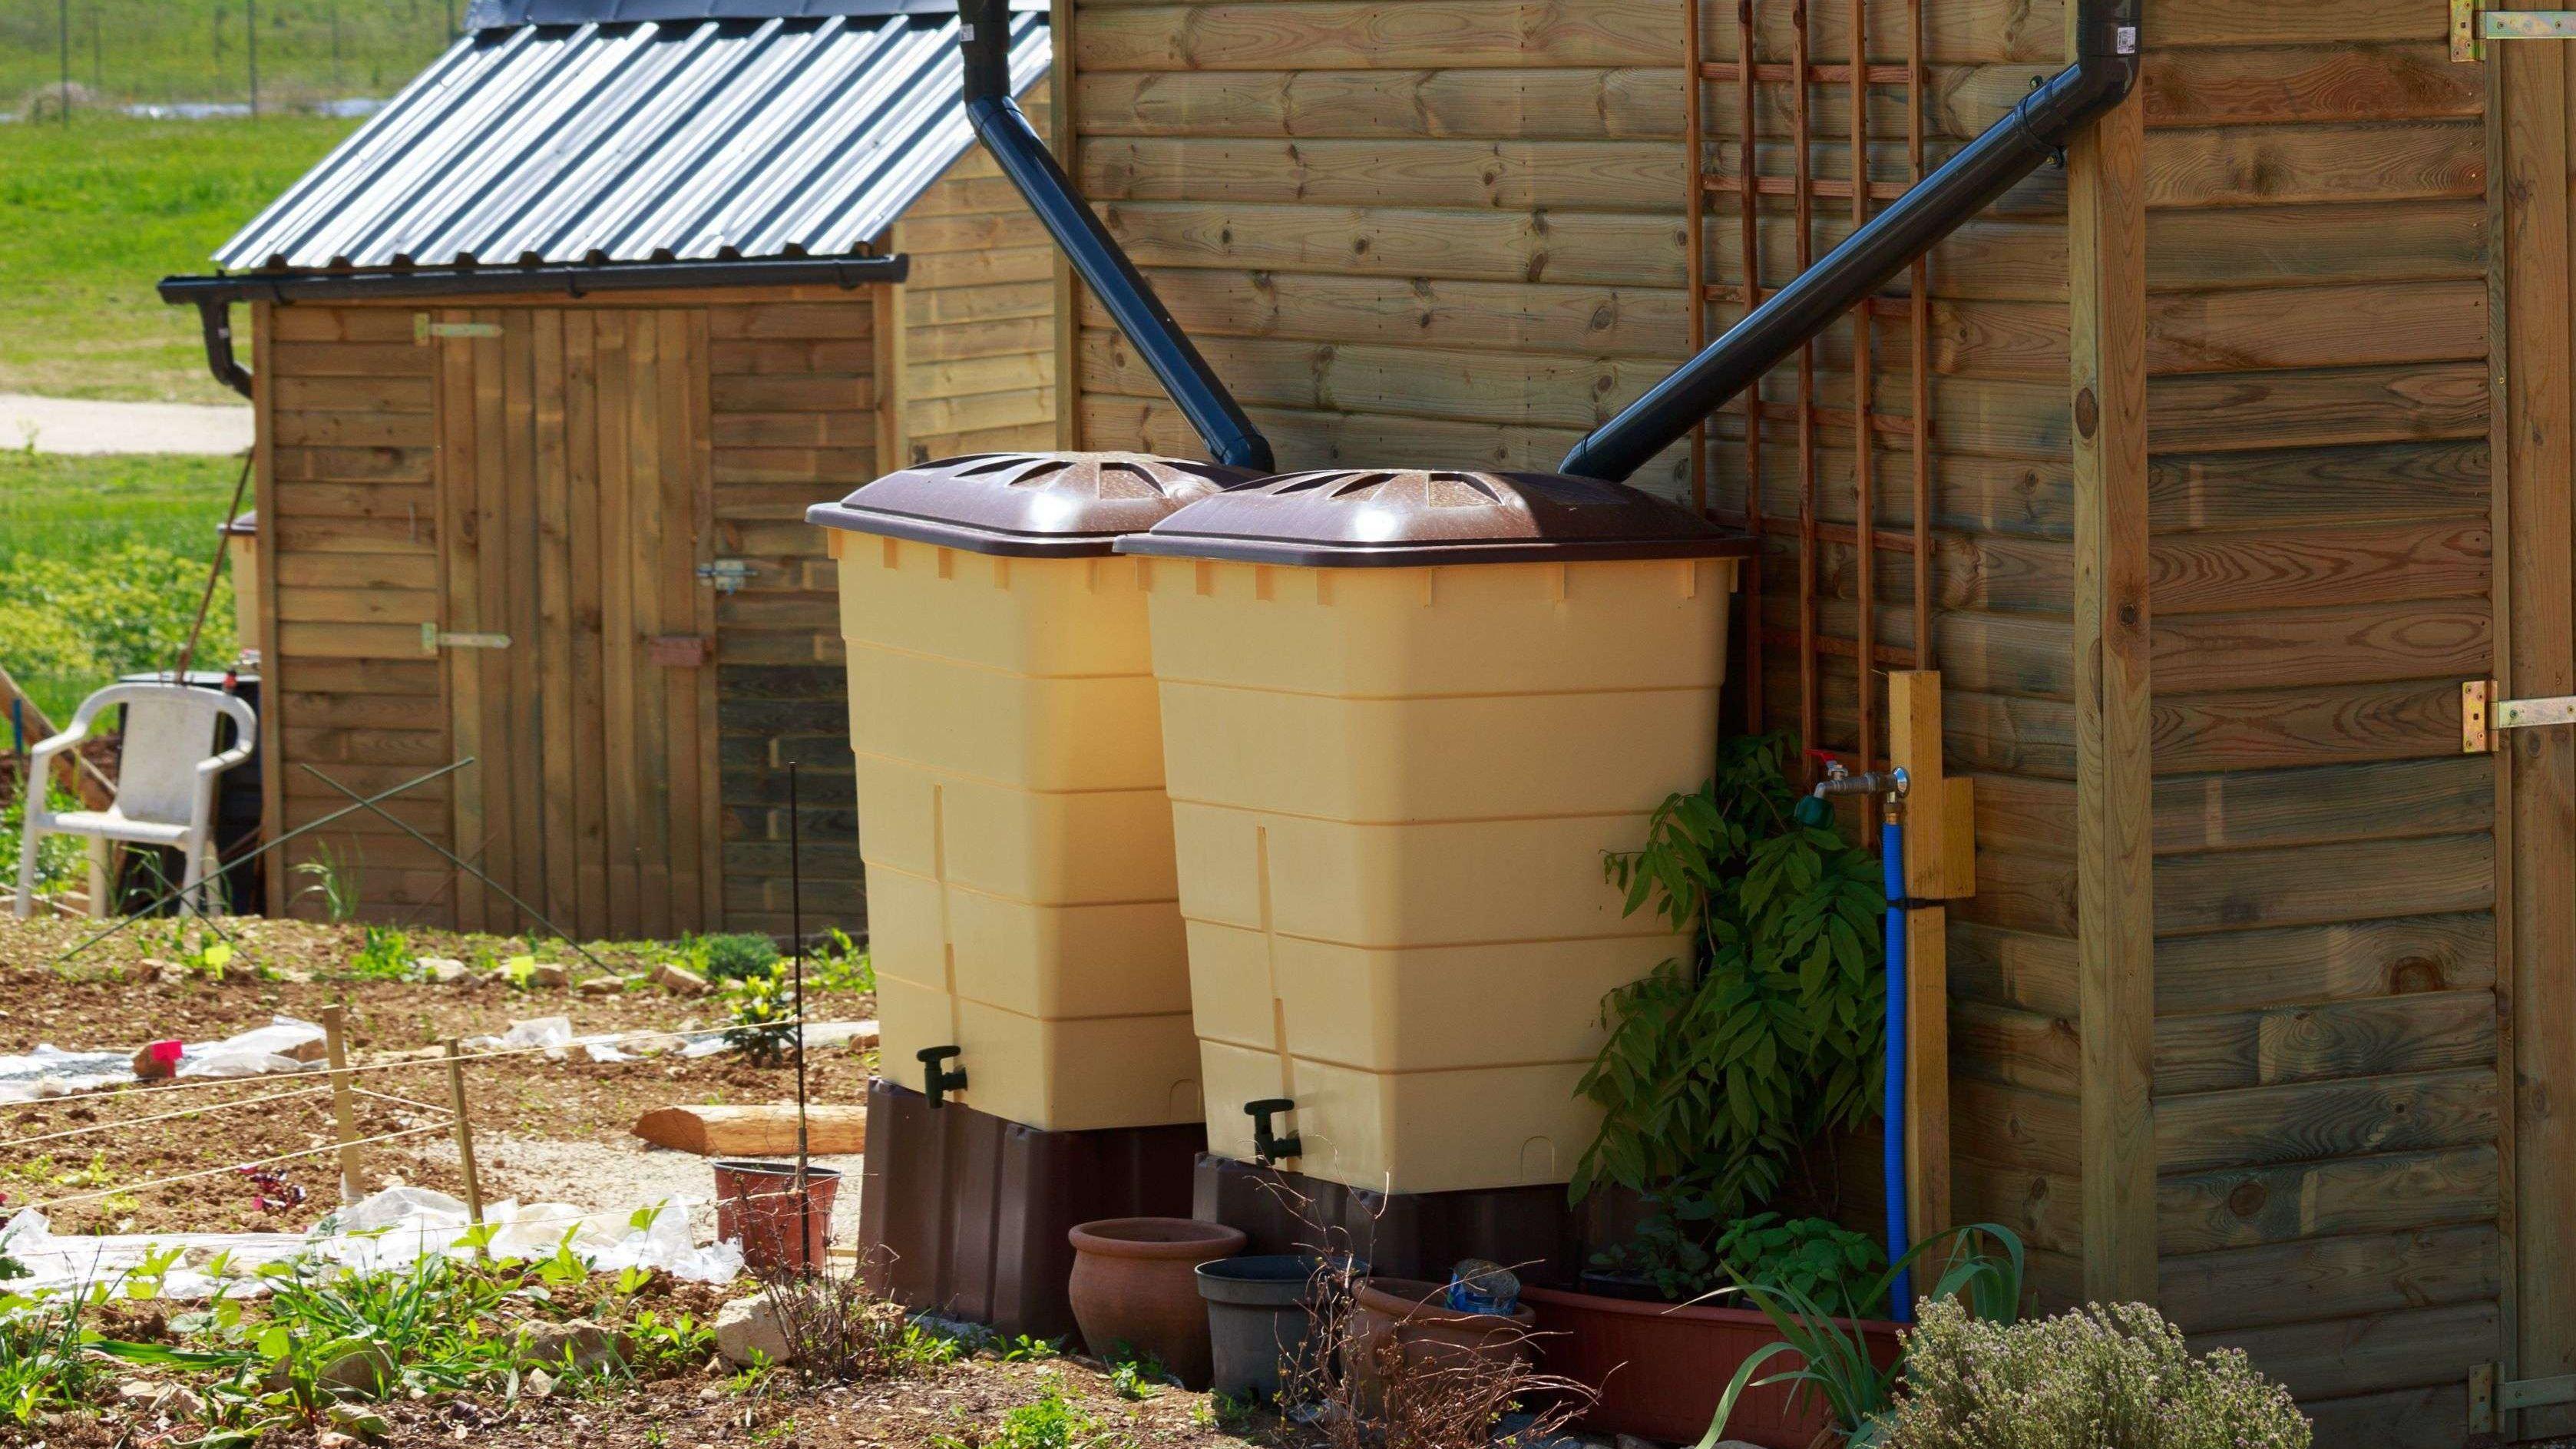 Récupération d'eau de pluie : cuve enterrée ou cuve extérieure